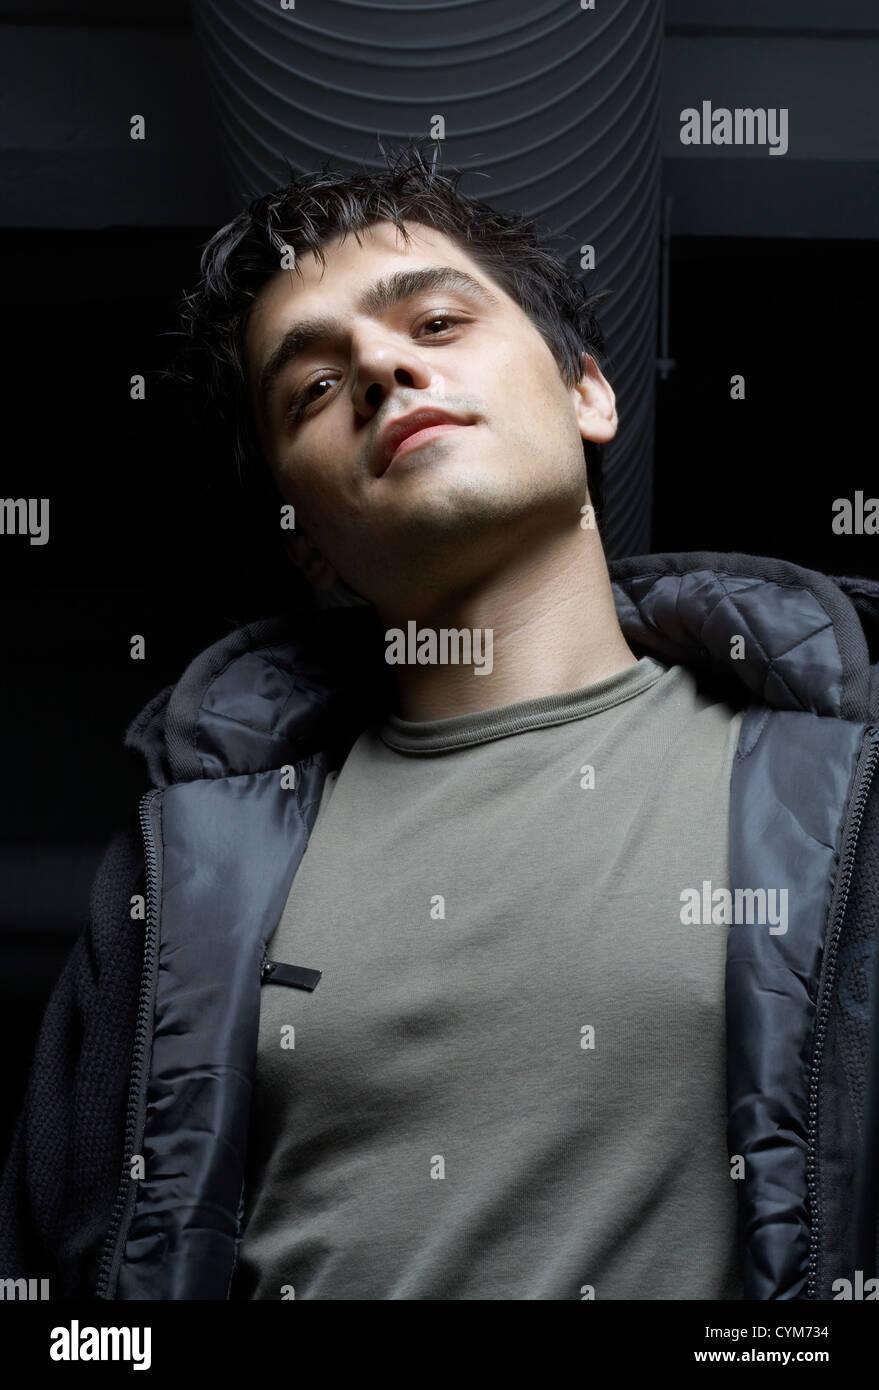 dark portrait of street mobster in industrial building basement - Stock Image